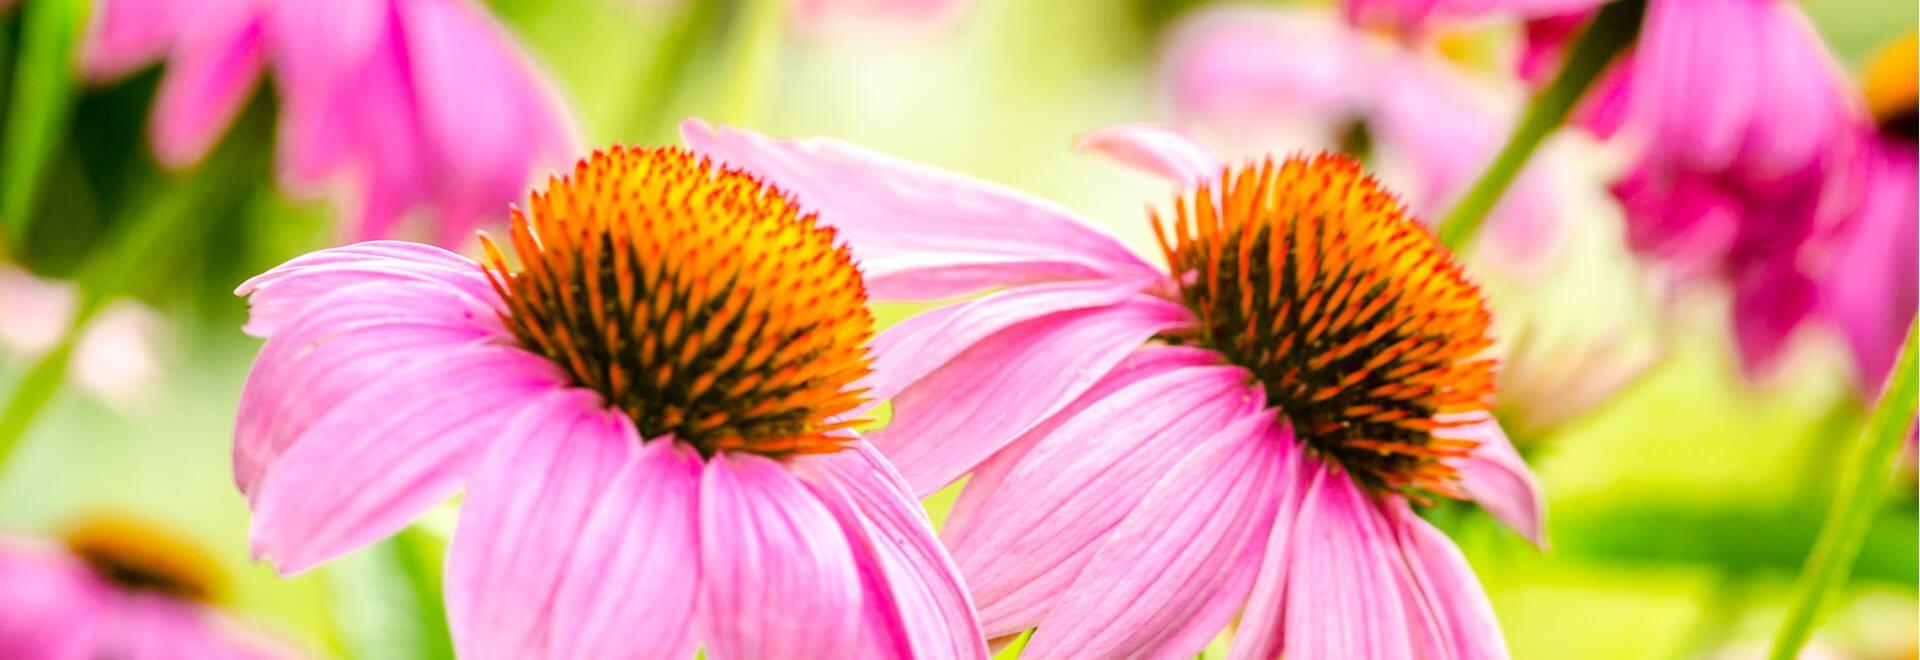 Heilpflanzen in der Naturheilkunde gezielt anwenden